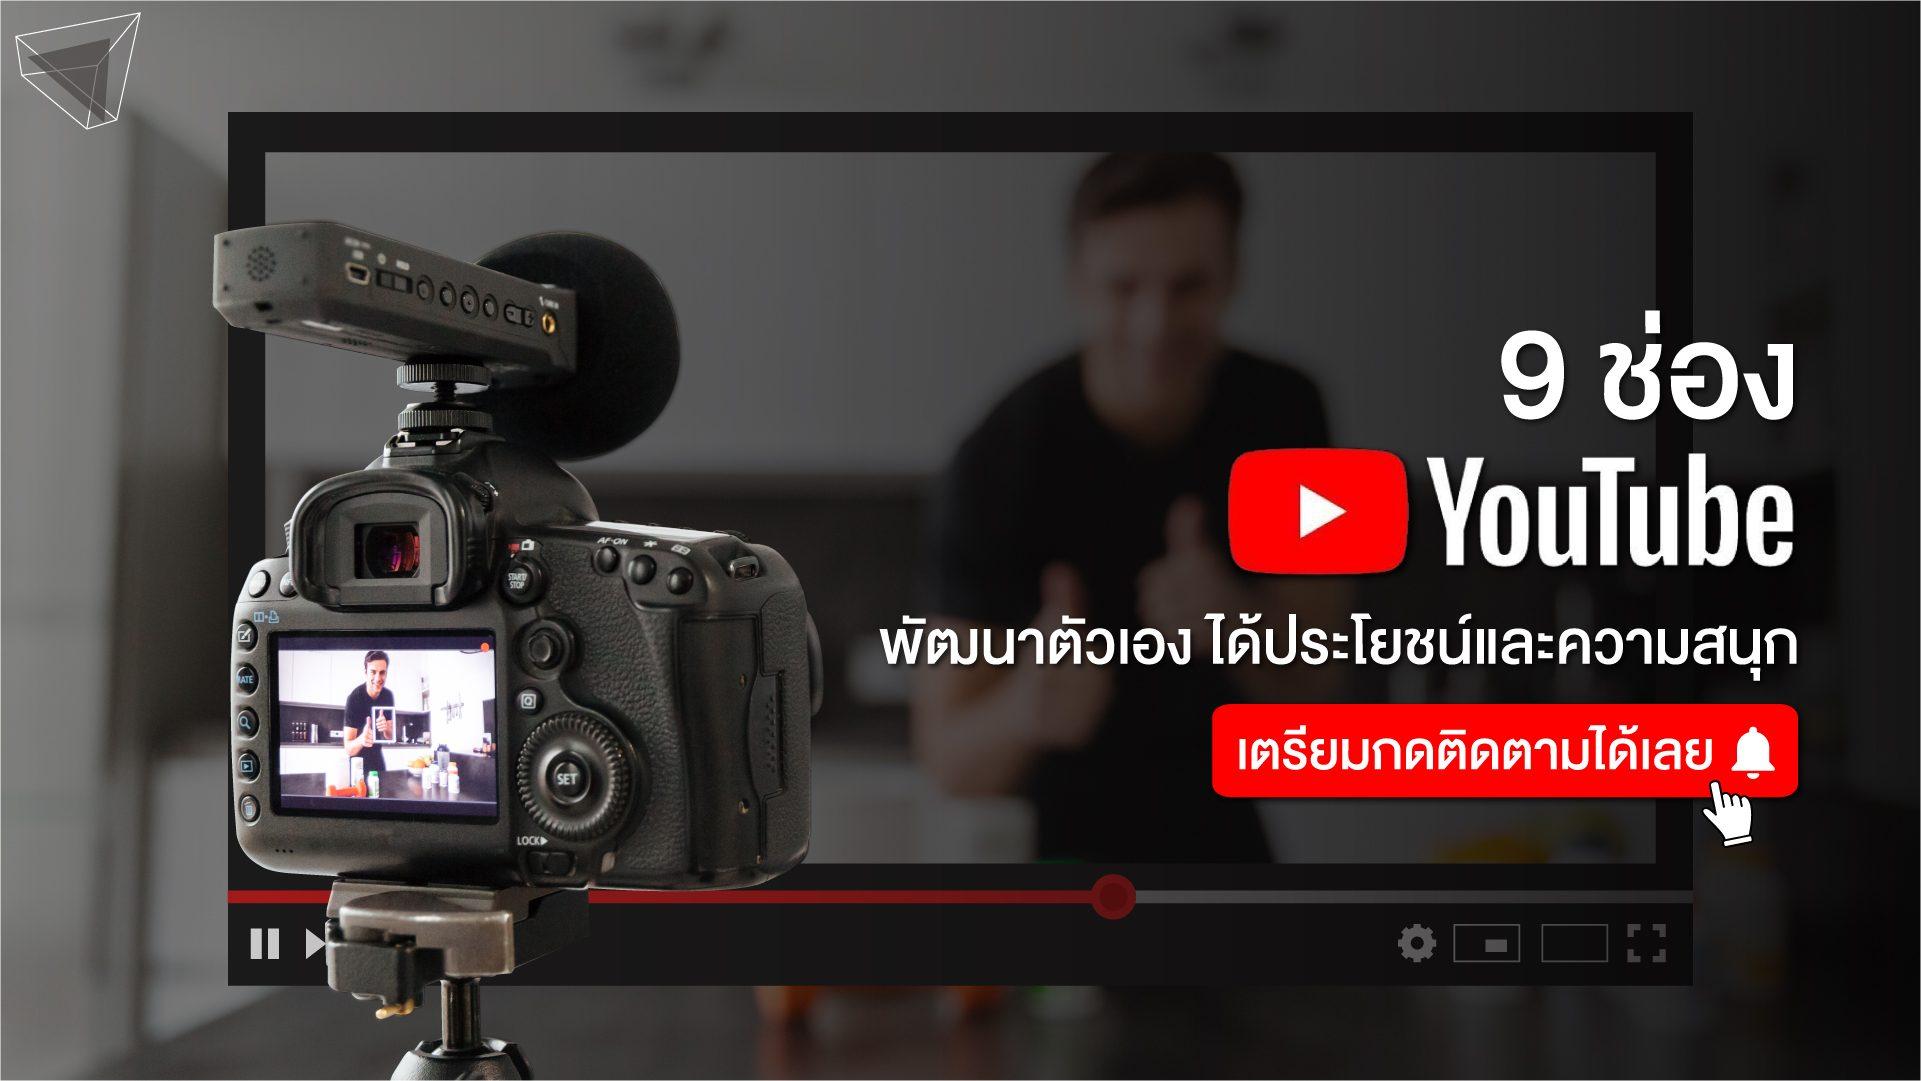 ช่อง Youtube พัฒนาตนเอง